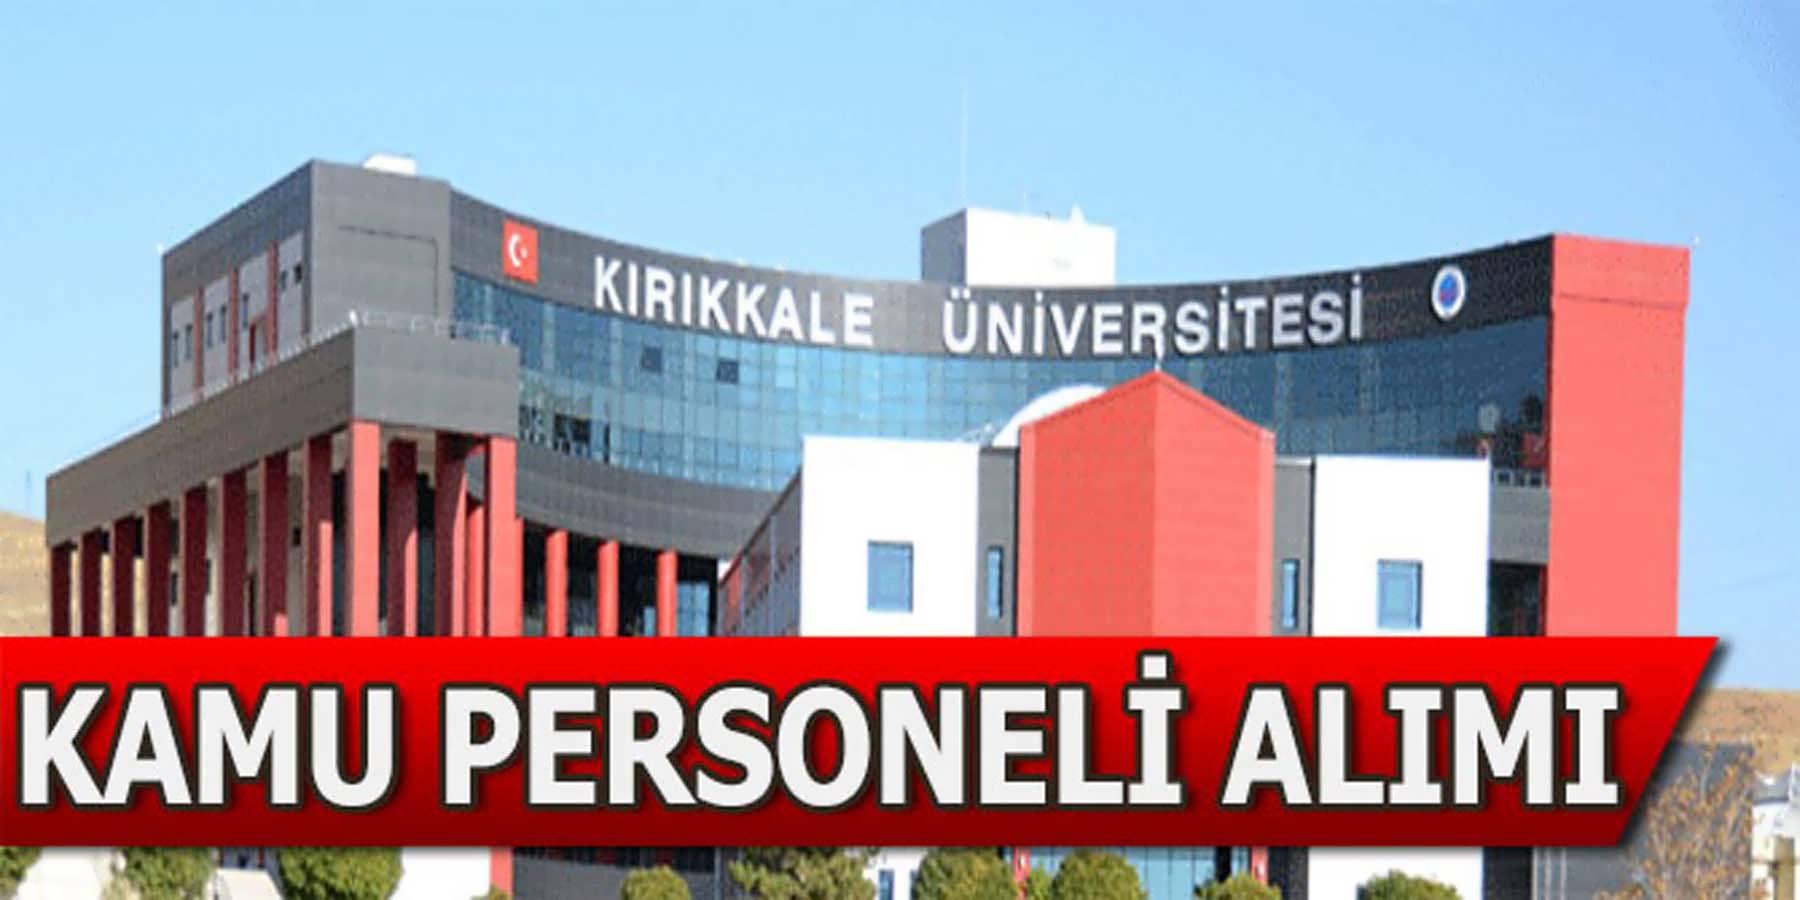 Kırıkkale Üniversitesi Diş Hekimliği Fakültesi Kamu Personeli Alımı